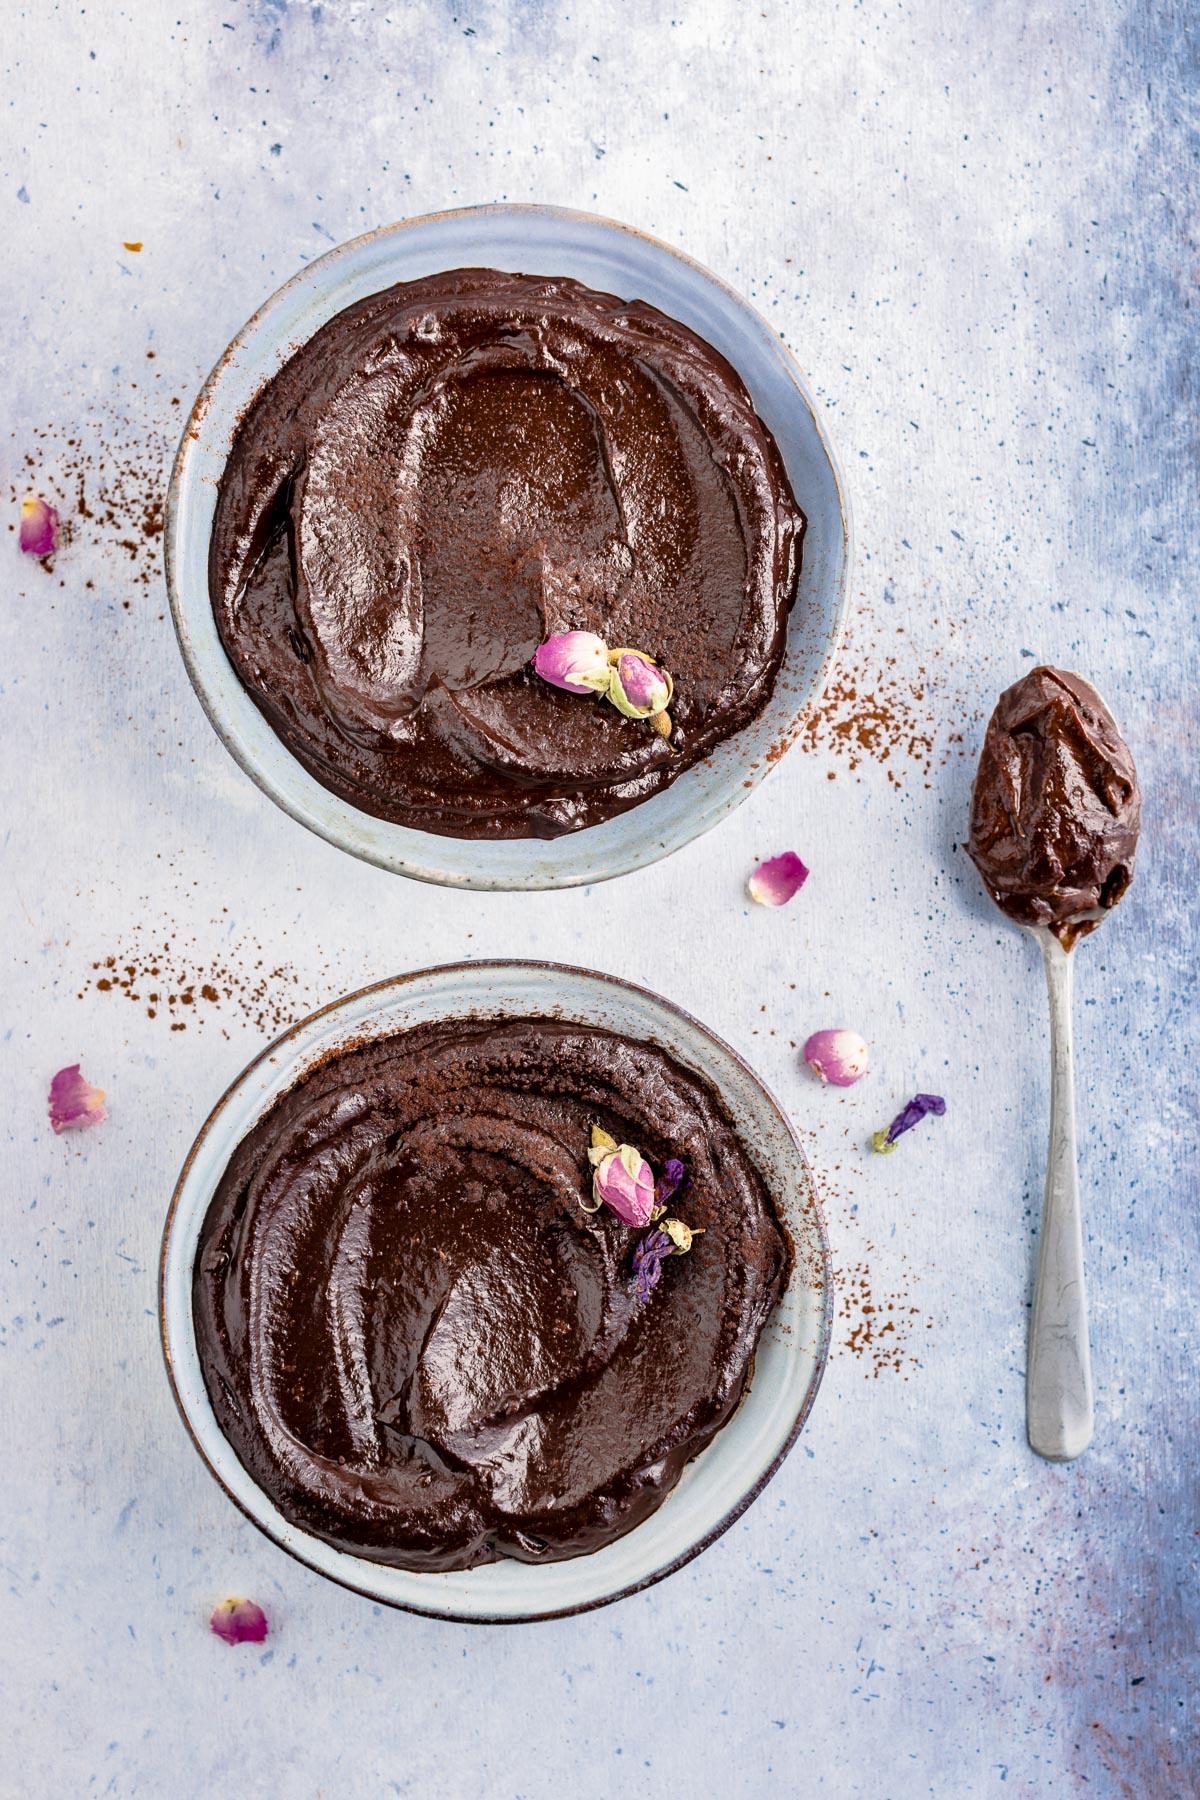 decadent vegan CHOCOLATE AVOCADO DATE MOUSSE recipe with coffee glutenfree ricetta MOUSSE AVOCADO CACAO e DATTERI al cioccolato e caffe senza glutine senza zucchero senza lattosio